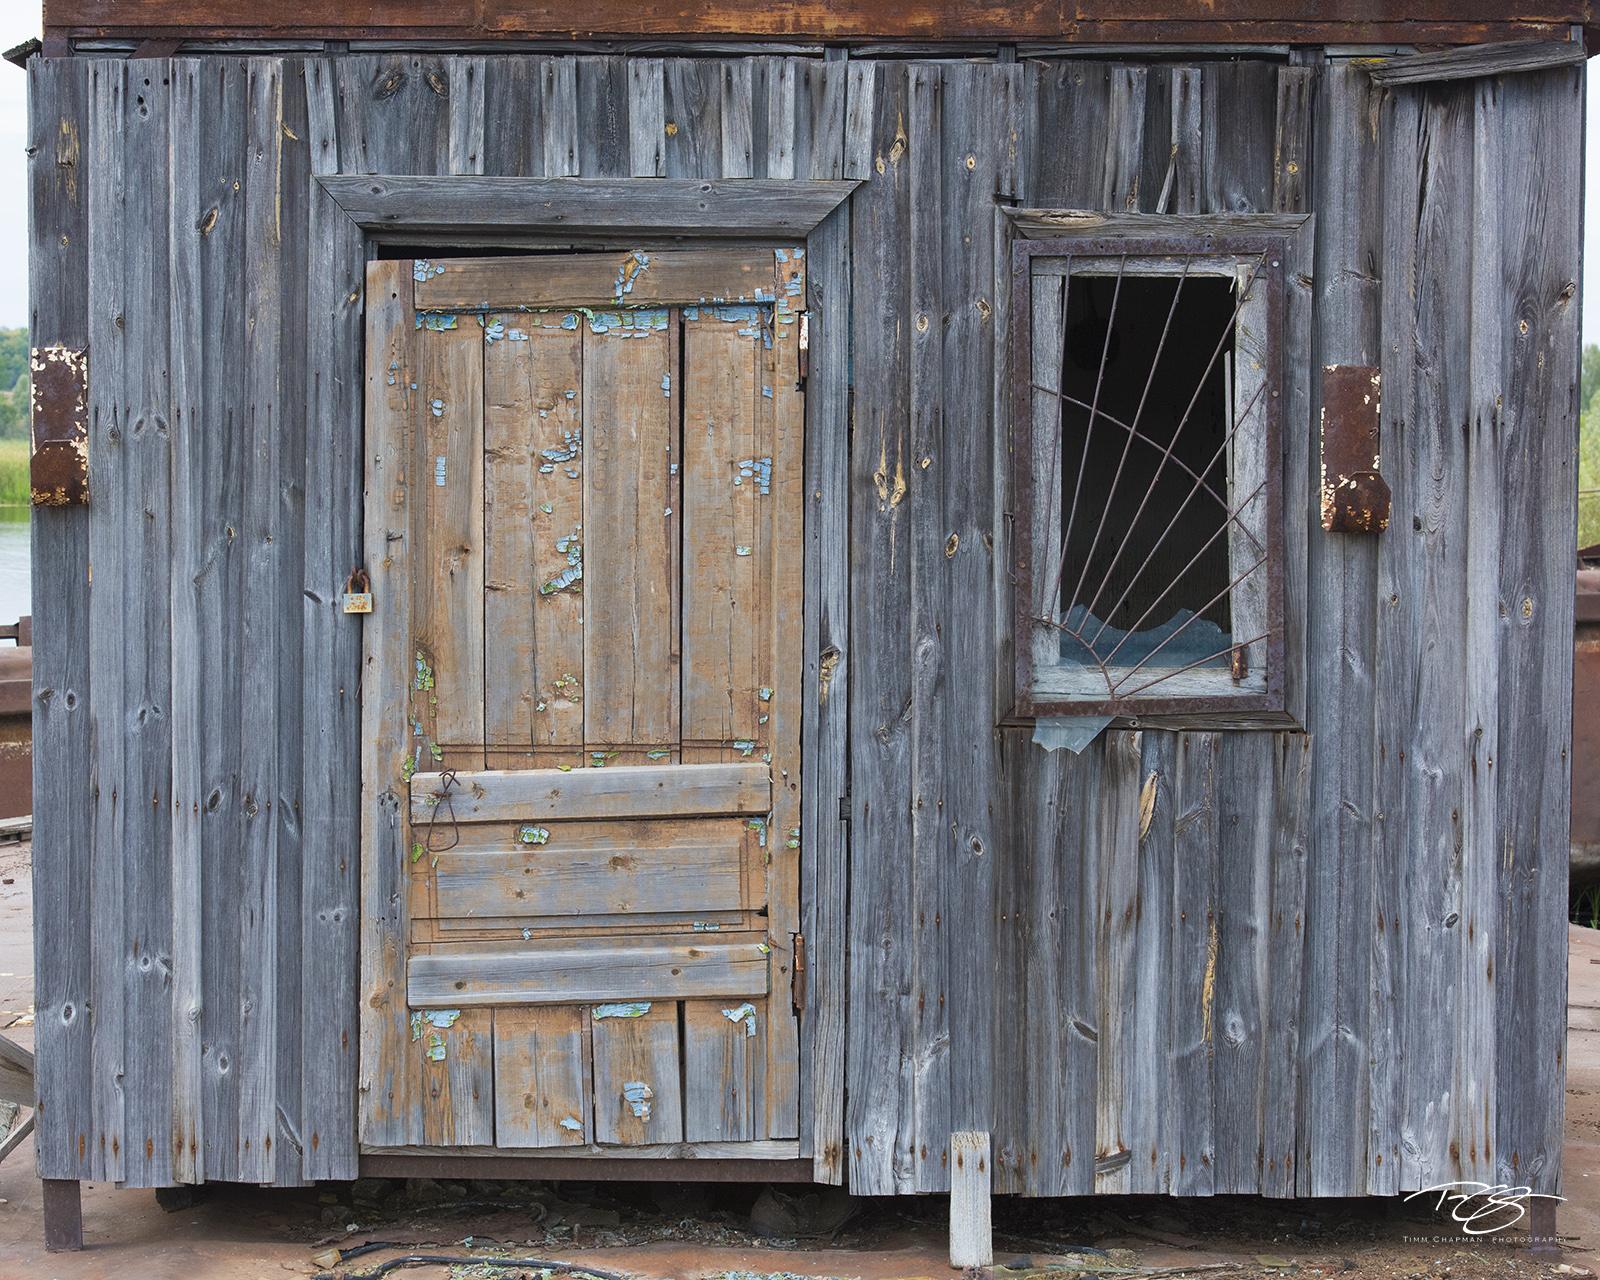 chernobyl, chornobyl, pripyat, exclusion zone, abandoned, forgotten, wasteland, radioactive, decay, peeling paint, wheelhouse, wood, ship, nautical, weatherd, worn, door, window, photo